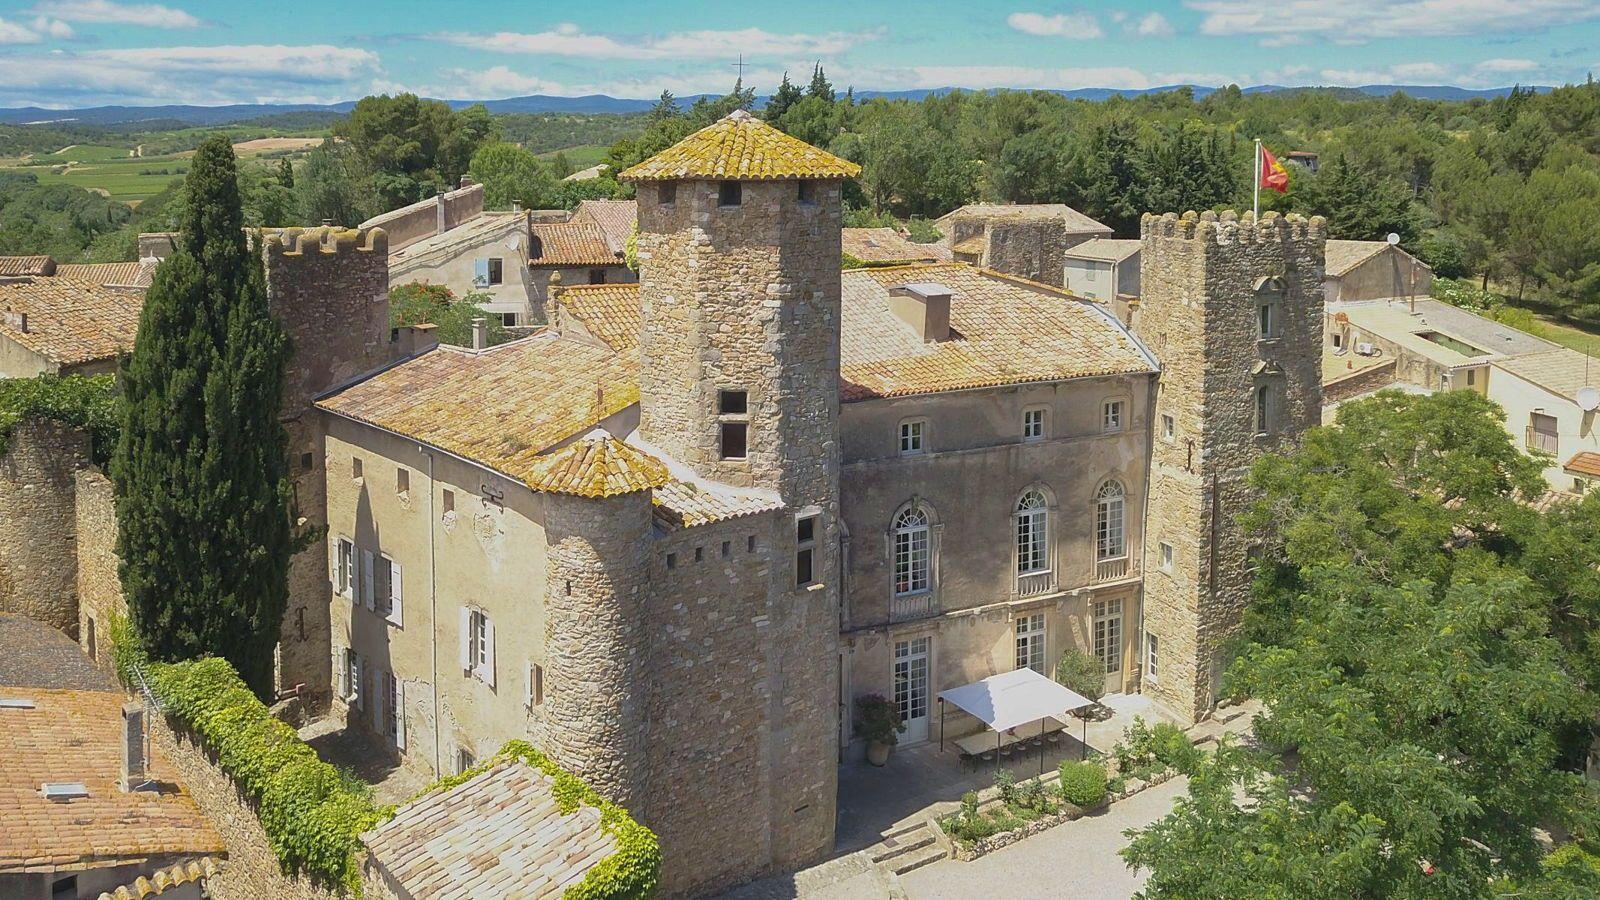 Loue château médiéval Languedoc (34) en exclusivité 18personnes